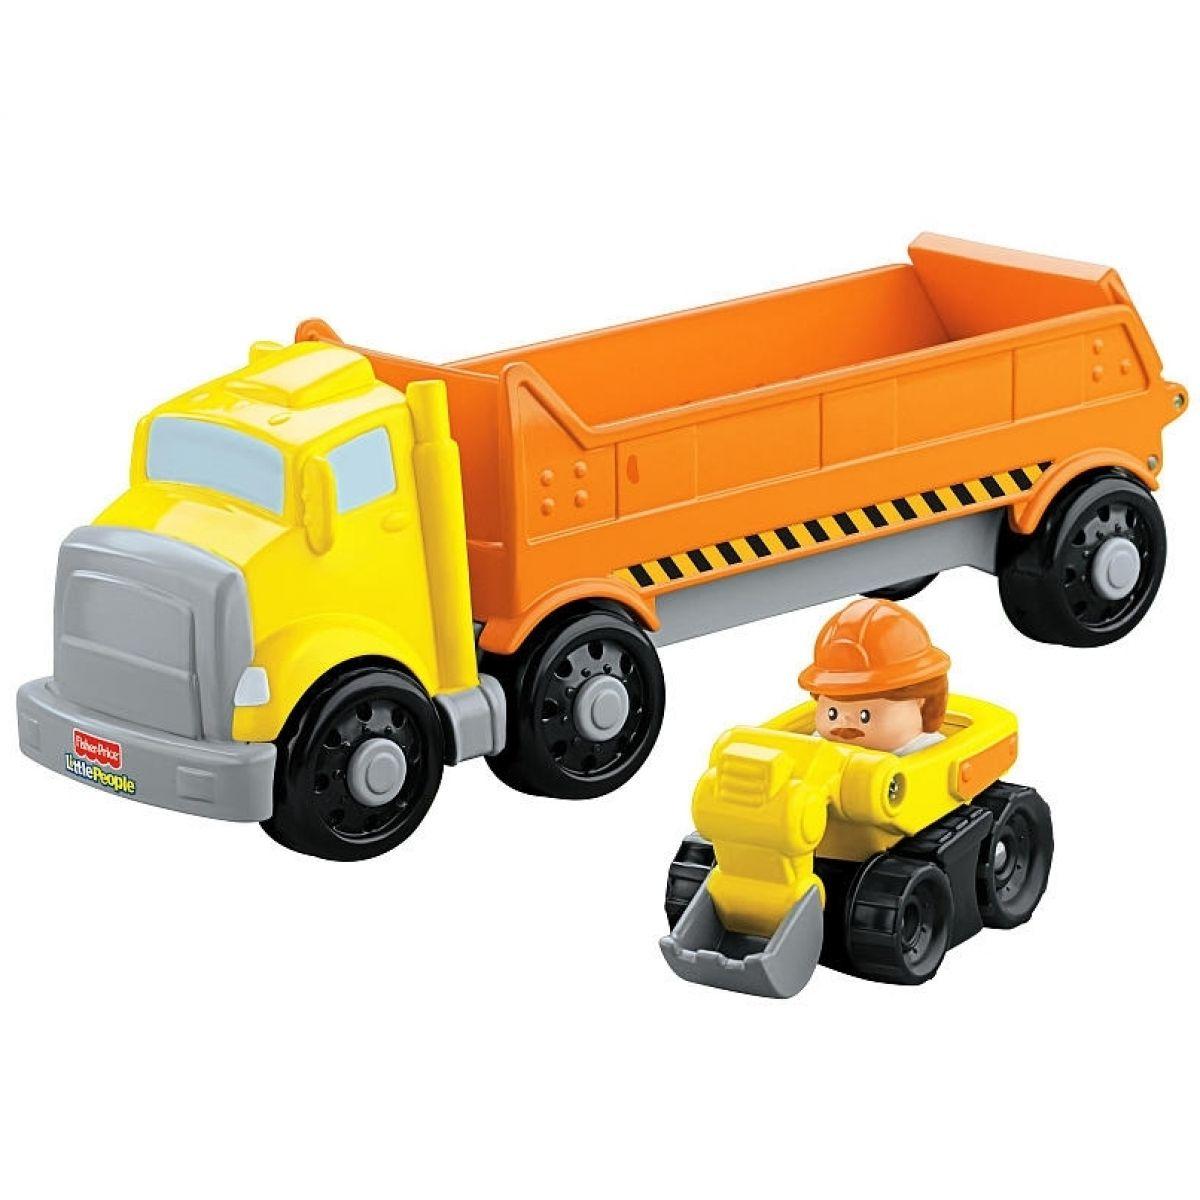 Fisher Price Little People Wheelies autíčko a transportér - Nákladní auto